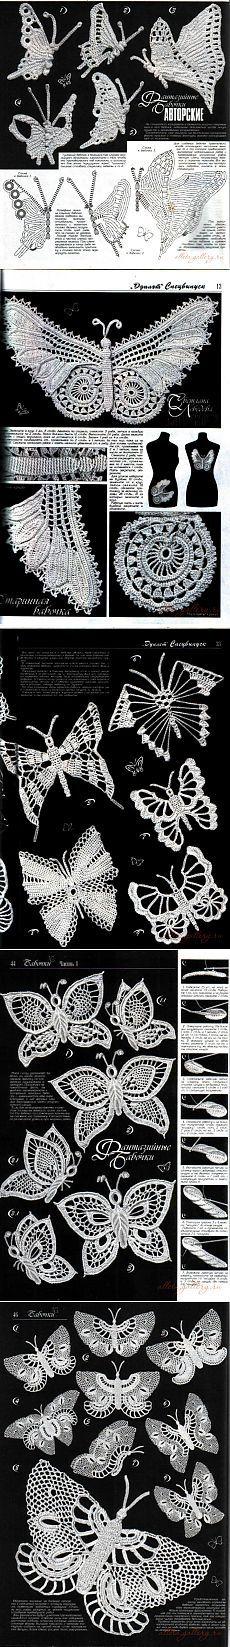 Sammlung gehäkelt Schmetterlinge.  Teil 1 ..